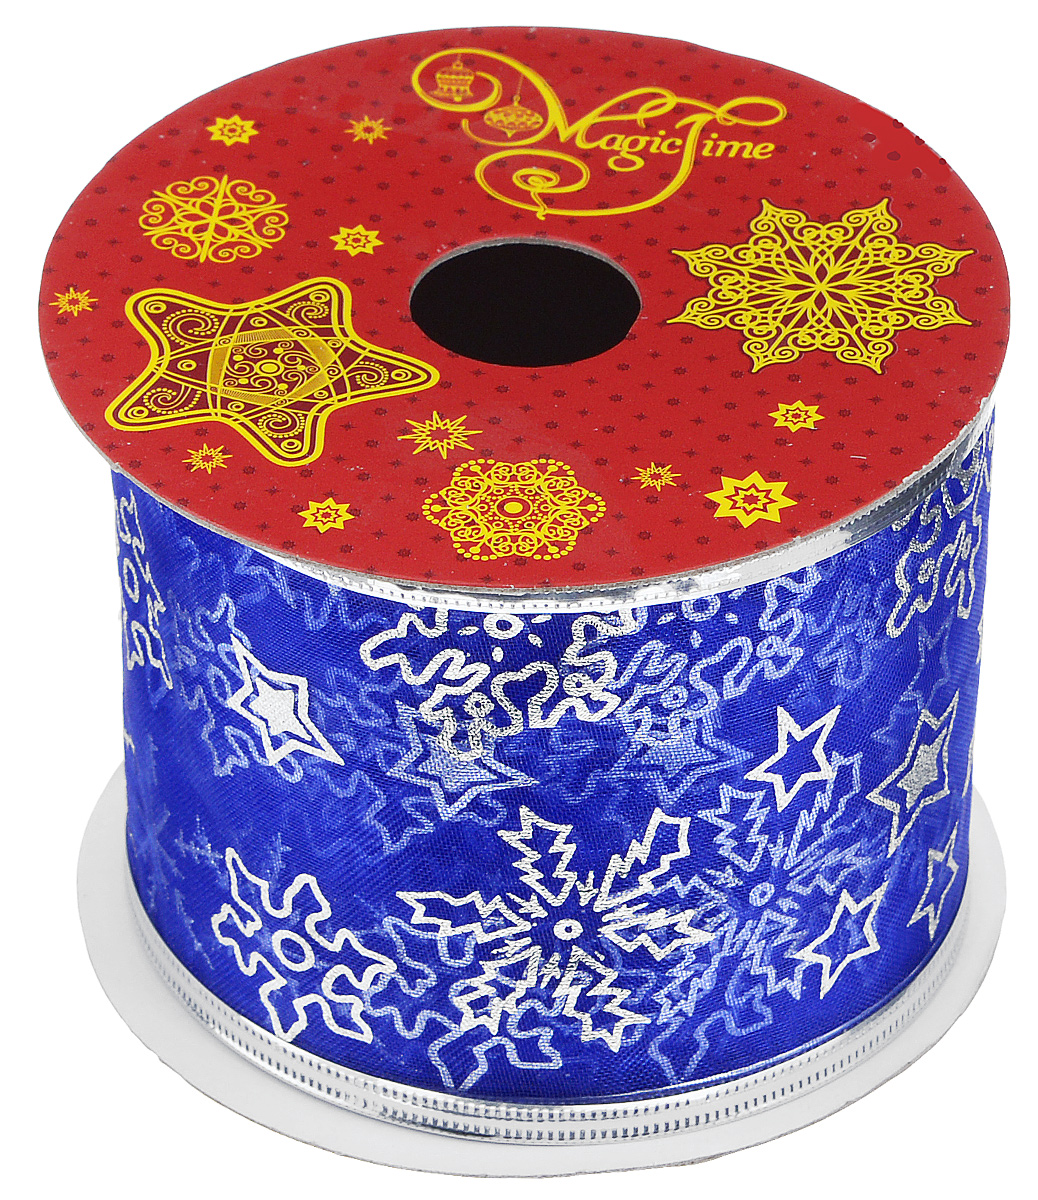 Декоративная лента Феникс-презент Magic Time, цвет: синий, серебристый, длина 2,7 м. 3889238892Декоративная лента Феникс-презент Magic Time выполнена из полиэстера и декорирована изображением снежинок и звезд. В края ленты вставлена проволока, благодаря чему ее легко фиксировать. Лента предназначена для оформления подарочных коробок, пакетов. Кроме того, декоративная лента с успехом применяется для художественного оформления витрин, праздничного оформления помещений, изготовления искусственных цветов. Декоративная лента украсит интерьер вашего дома к праздникам.Ширина ленты: 6,3 см.